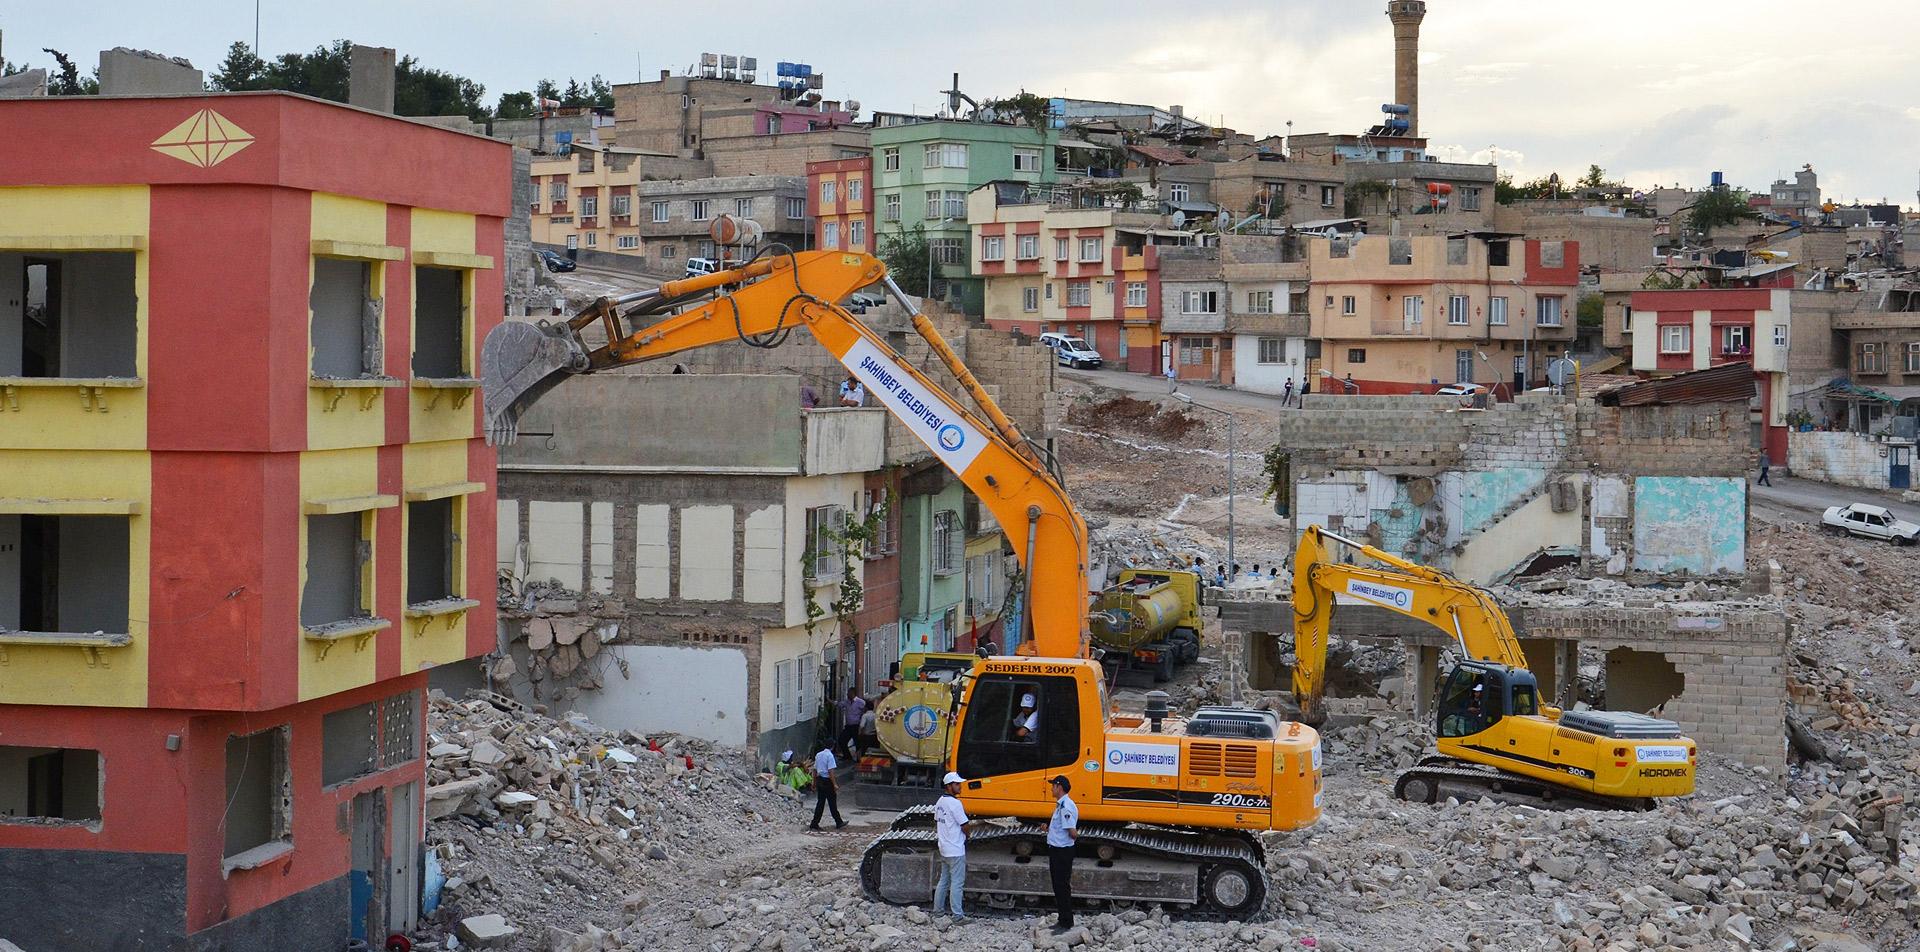 Türkiye'de 72.5 Milyon Metrekarede Kentsel Dönüşüm Çalışmaları Sürüyor